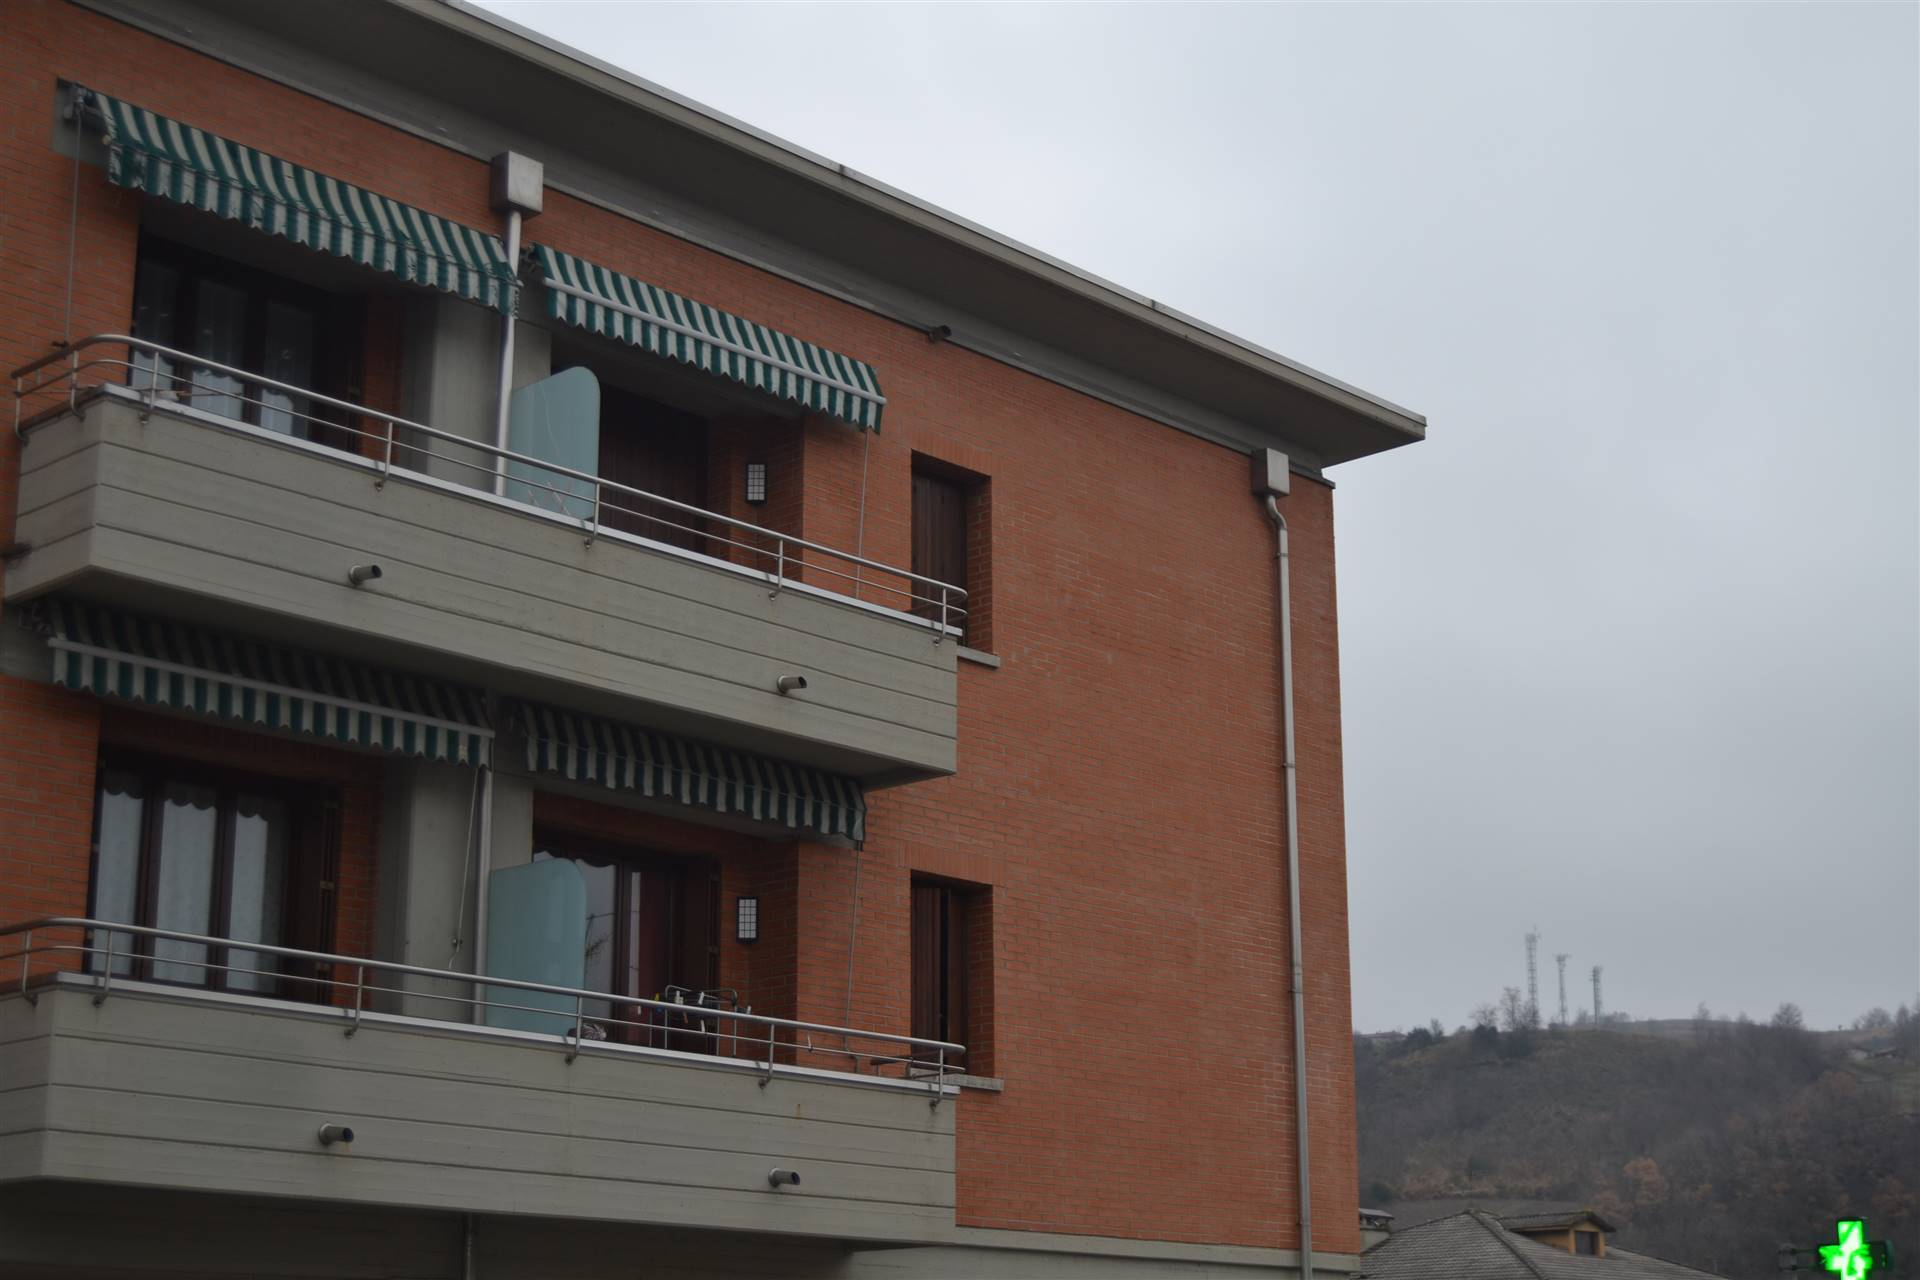 Appartamento in vendita a Marzabotto, 3 locali, zona Zona: Pian di Venola, prezzo € 105.000 | CambioCasa.it